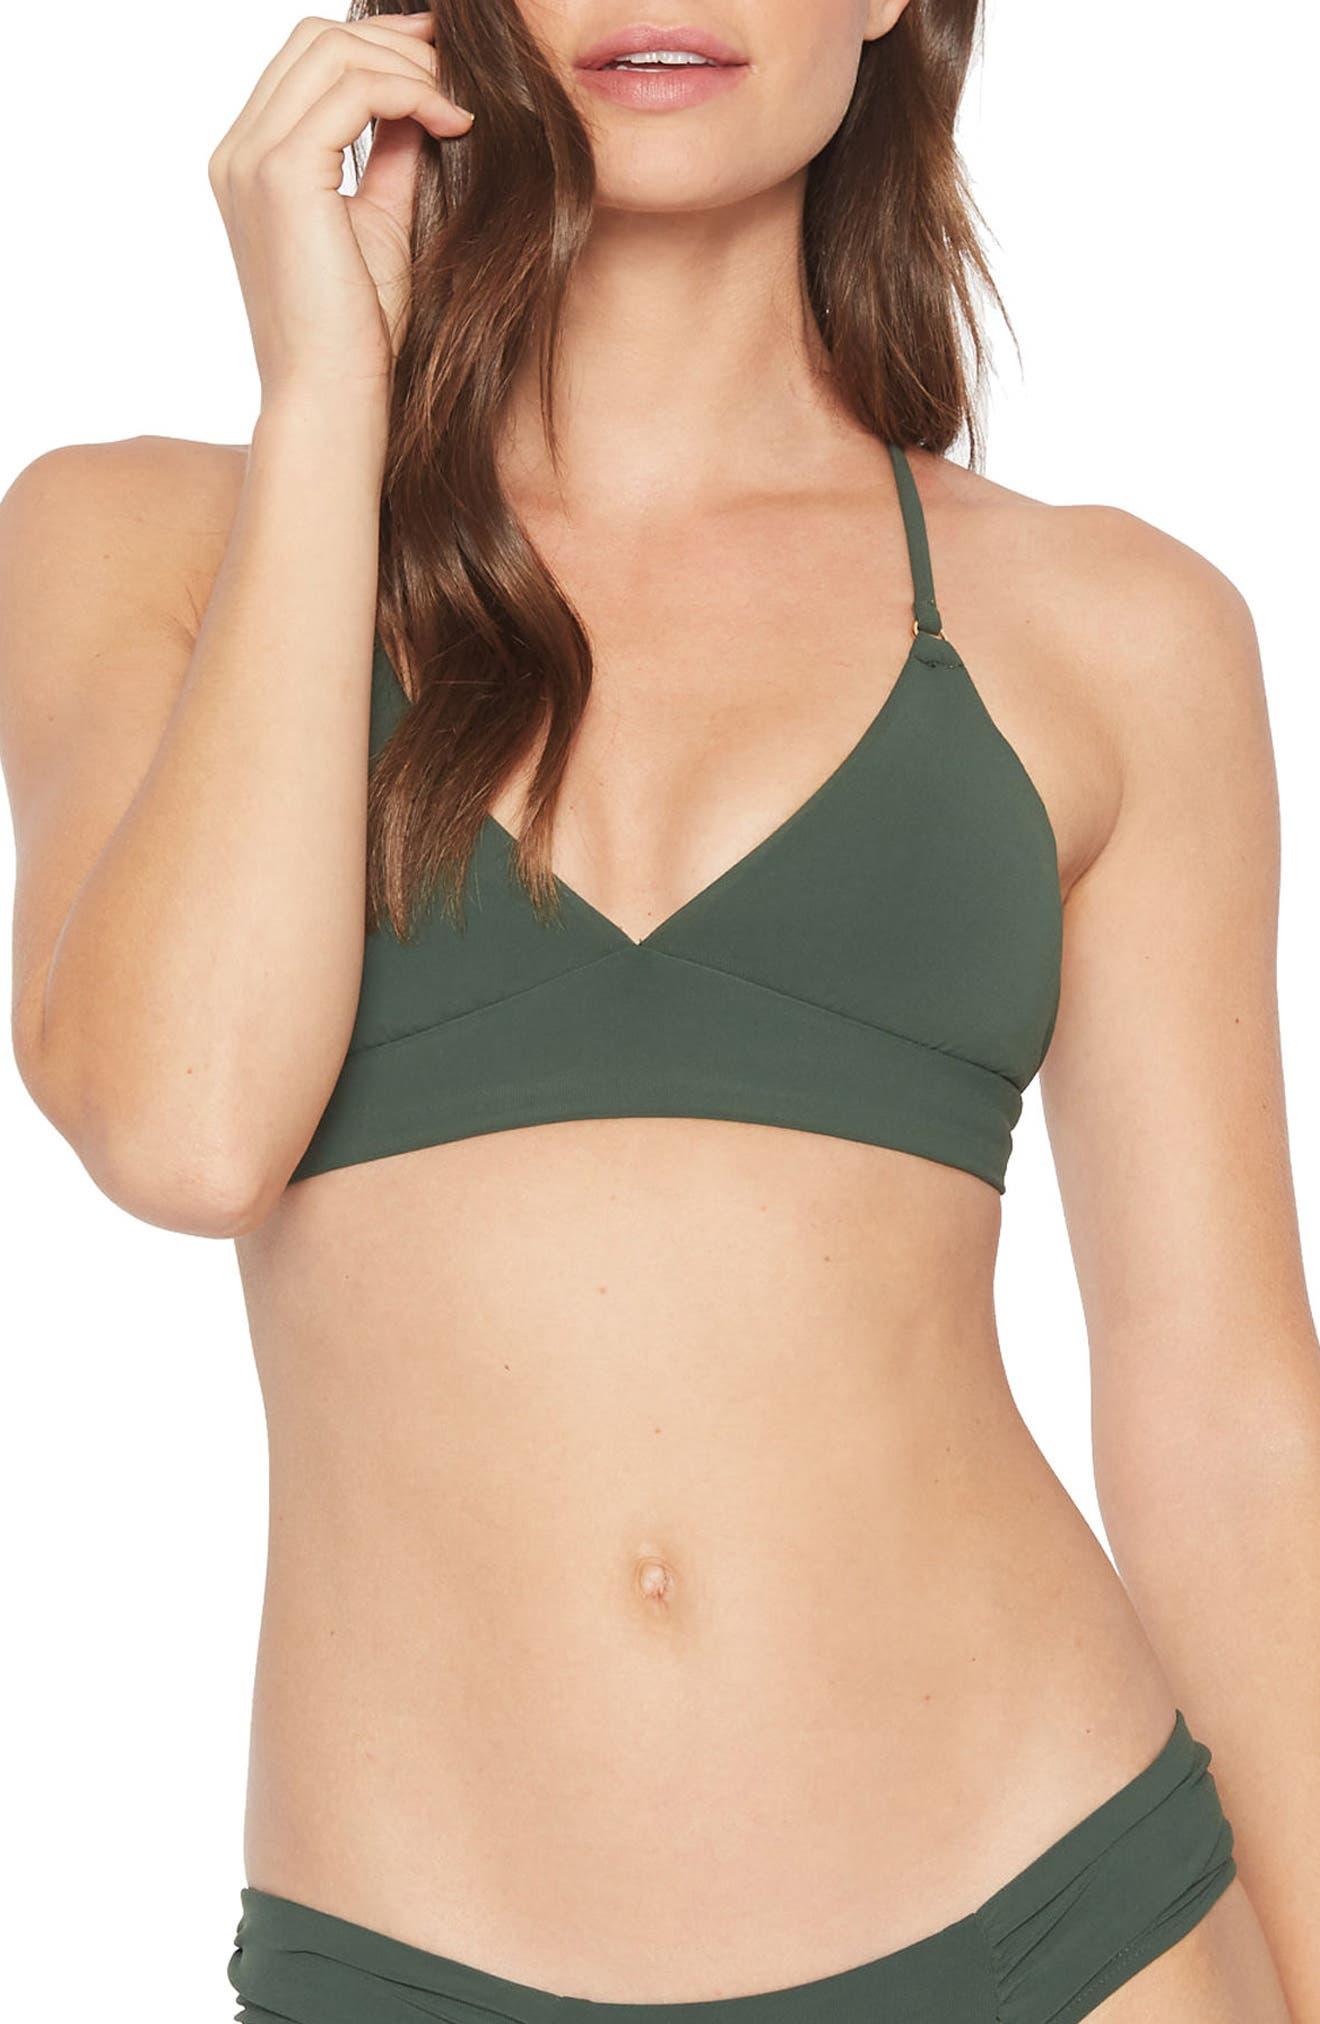 Ava Triangle Bikini Top,                             Main thumbnail 1, color,                             305